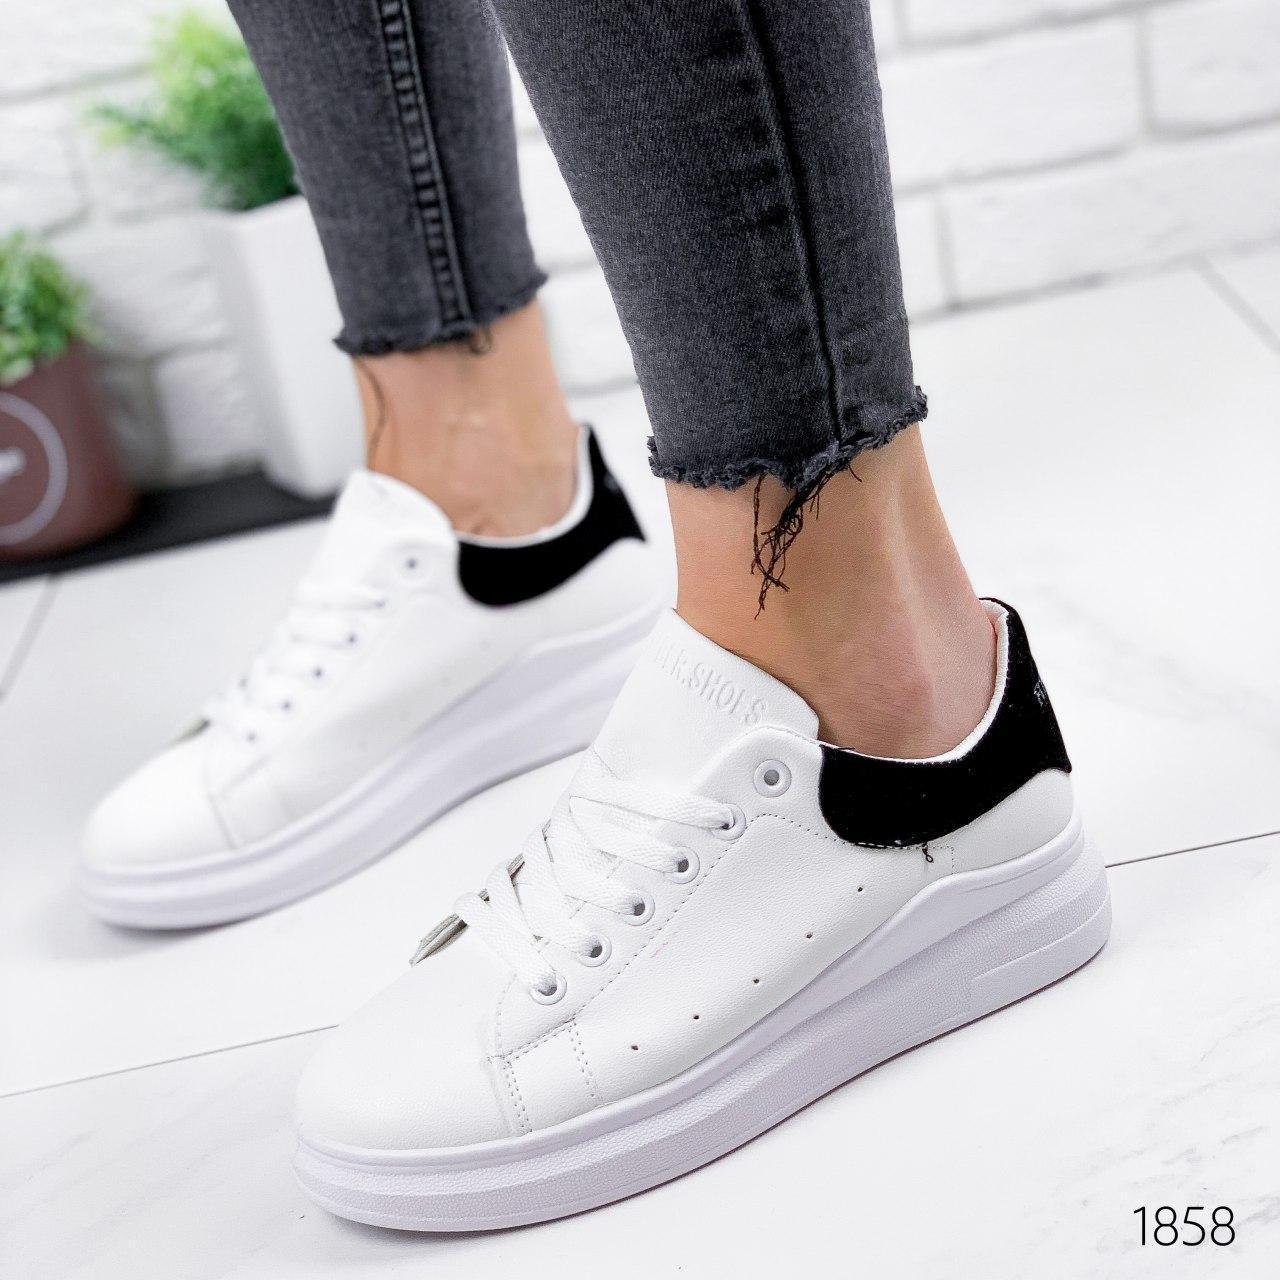 Кроссовки женские белые из эко кожи. Кросівки жіночі білі